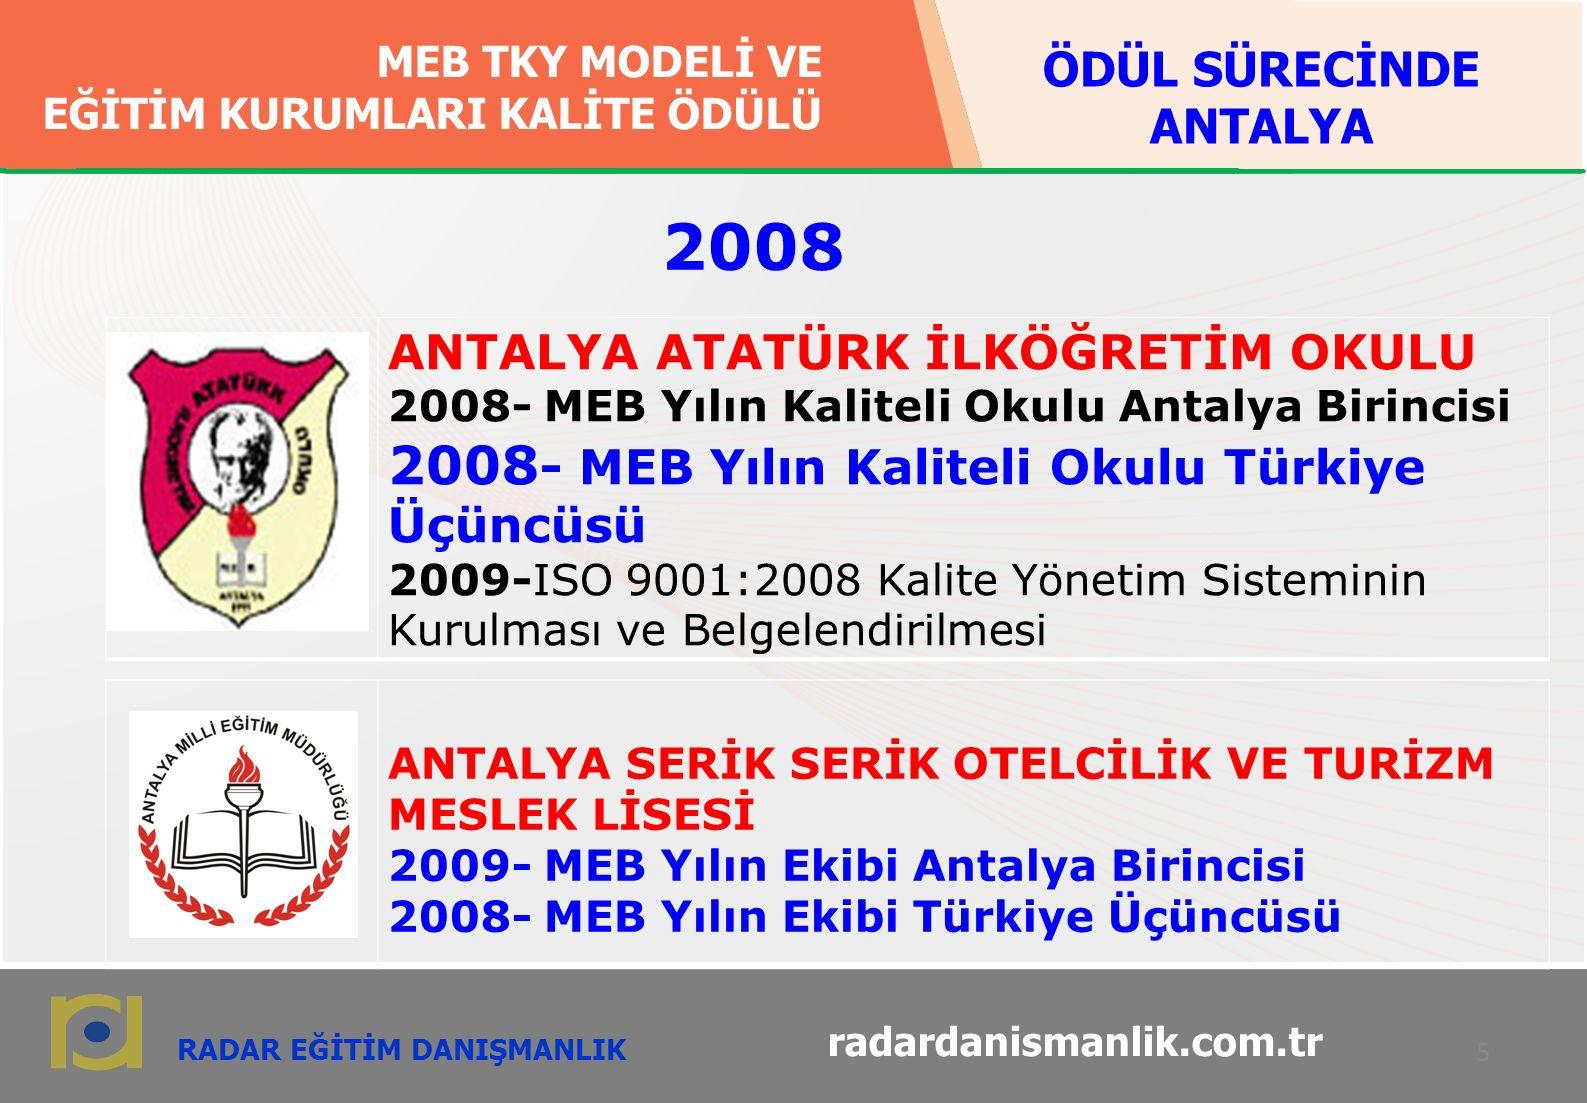 RADAR EĞİTİM DANIŞMANLIK MEB TKY MODELİ VE EĞİTİM KURUMLARI KALİTE ÖDÜLÜ MEB TKY MODELİ VE EĞİTİM KURUMLARI KALİTE ÖDÜLÜ 5 radardanismanlik.com.tr ANTALYA ATATÜRK İLKÖĞRETİM OKULU 2008- MEB Yılın Kaliteli Okulu Antalya Birincisi 2008 - MEB Yılın Kaliteli Okulu Türkiye Üçüncüsü 2009-ISO 9001:2008 Kalite Yönetim Sisteminin Kurulması ve Belgelendirilmesi ANTALYA SERİK SERİK OTELCİLİK VE TURİZM MESLEK LİSESİ 2009- MEB Yılın Ekibi Antalya Birincisi 2008- MEB Yılın Ekibi Türkiye Üçüncüsü 2008 ÖDÜL SÜRECİNDE ANTALYA